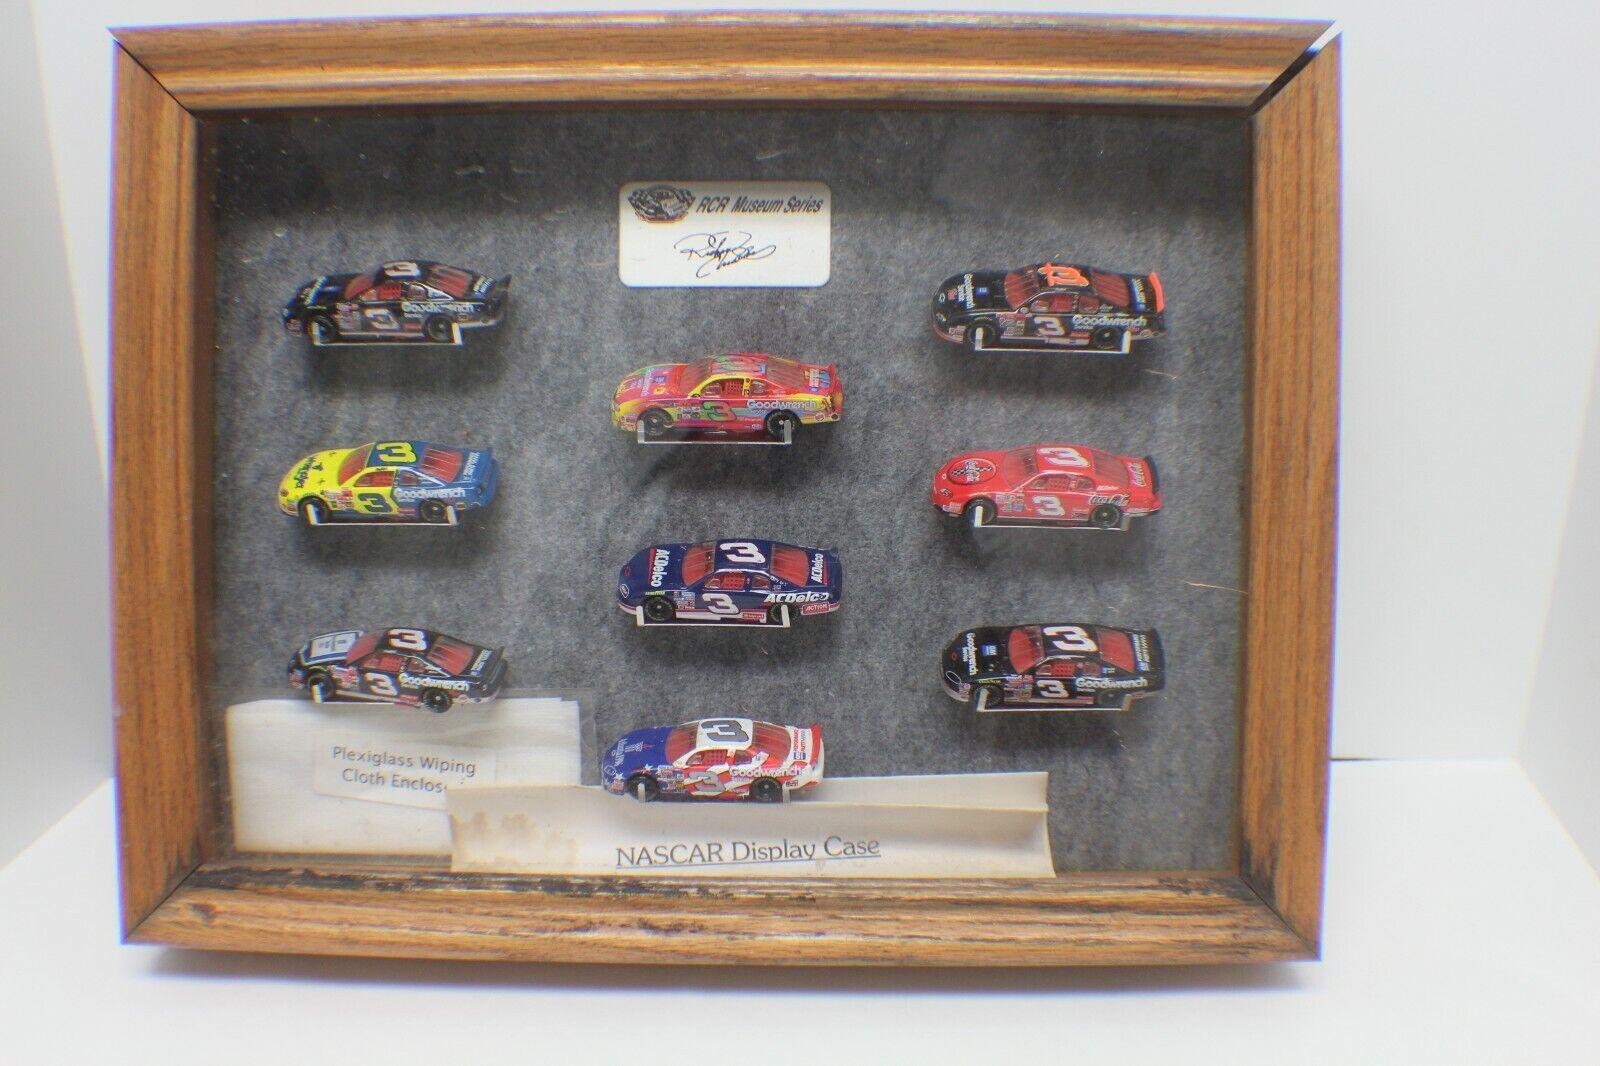 Dale Earnhardt 2004 Action AP Series 1 64 RCR Museum Case Series - 9 Car Set